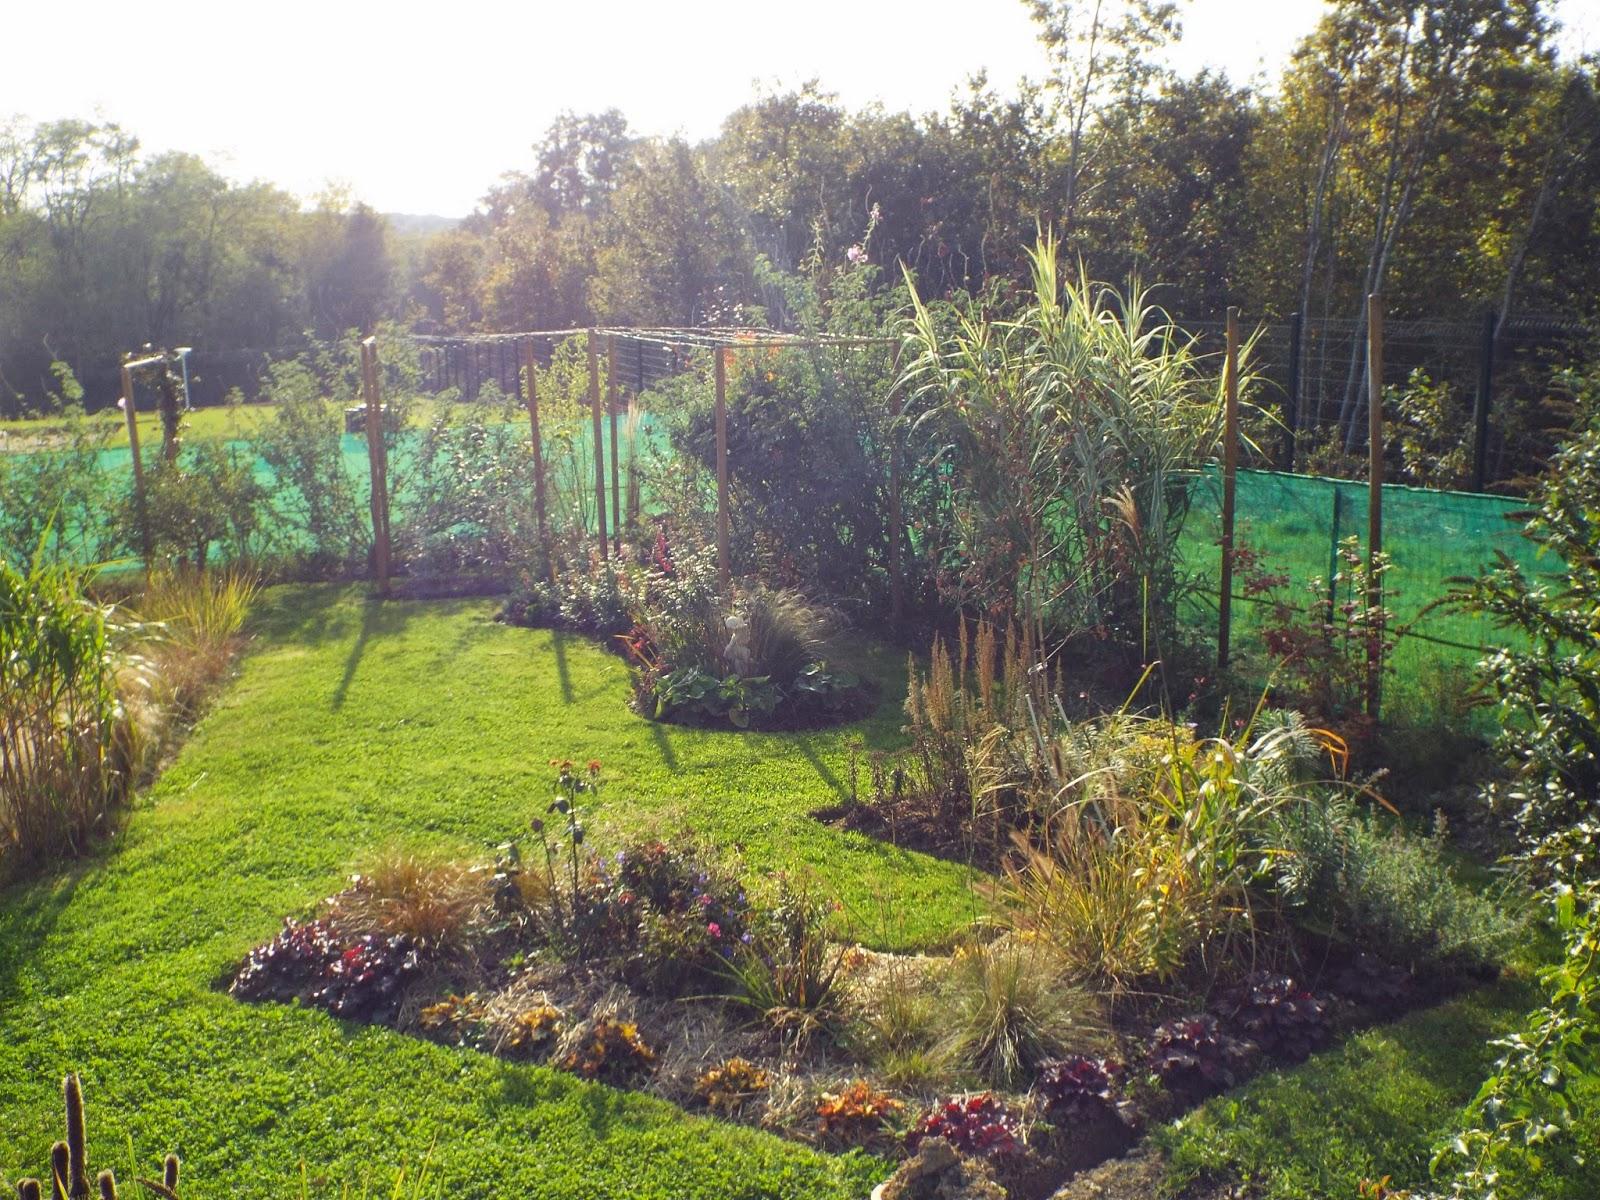 Jardin aux quatre saisons gros nettoyage au jardin for Nettoyage jardin printemps